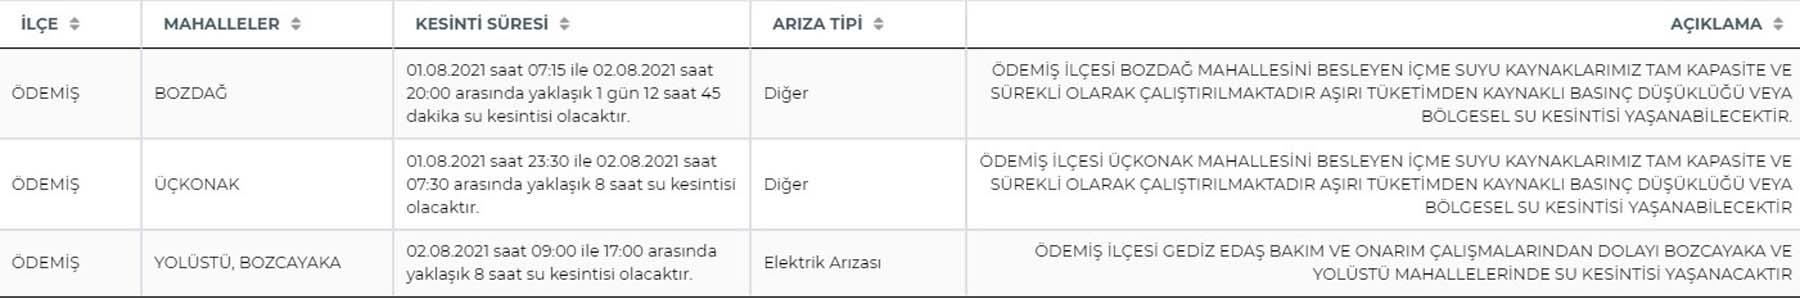 İstanbul İSKİ su kesintisi   İzmir İZSU su kesintisi 1 Ağustos Pazartesi Ankara ASKİ su kesintisi 1 Ağustos Pazartesi